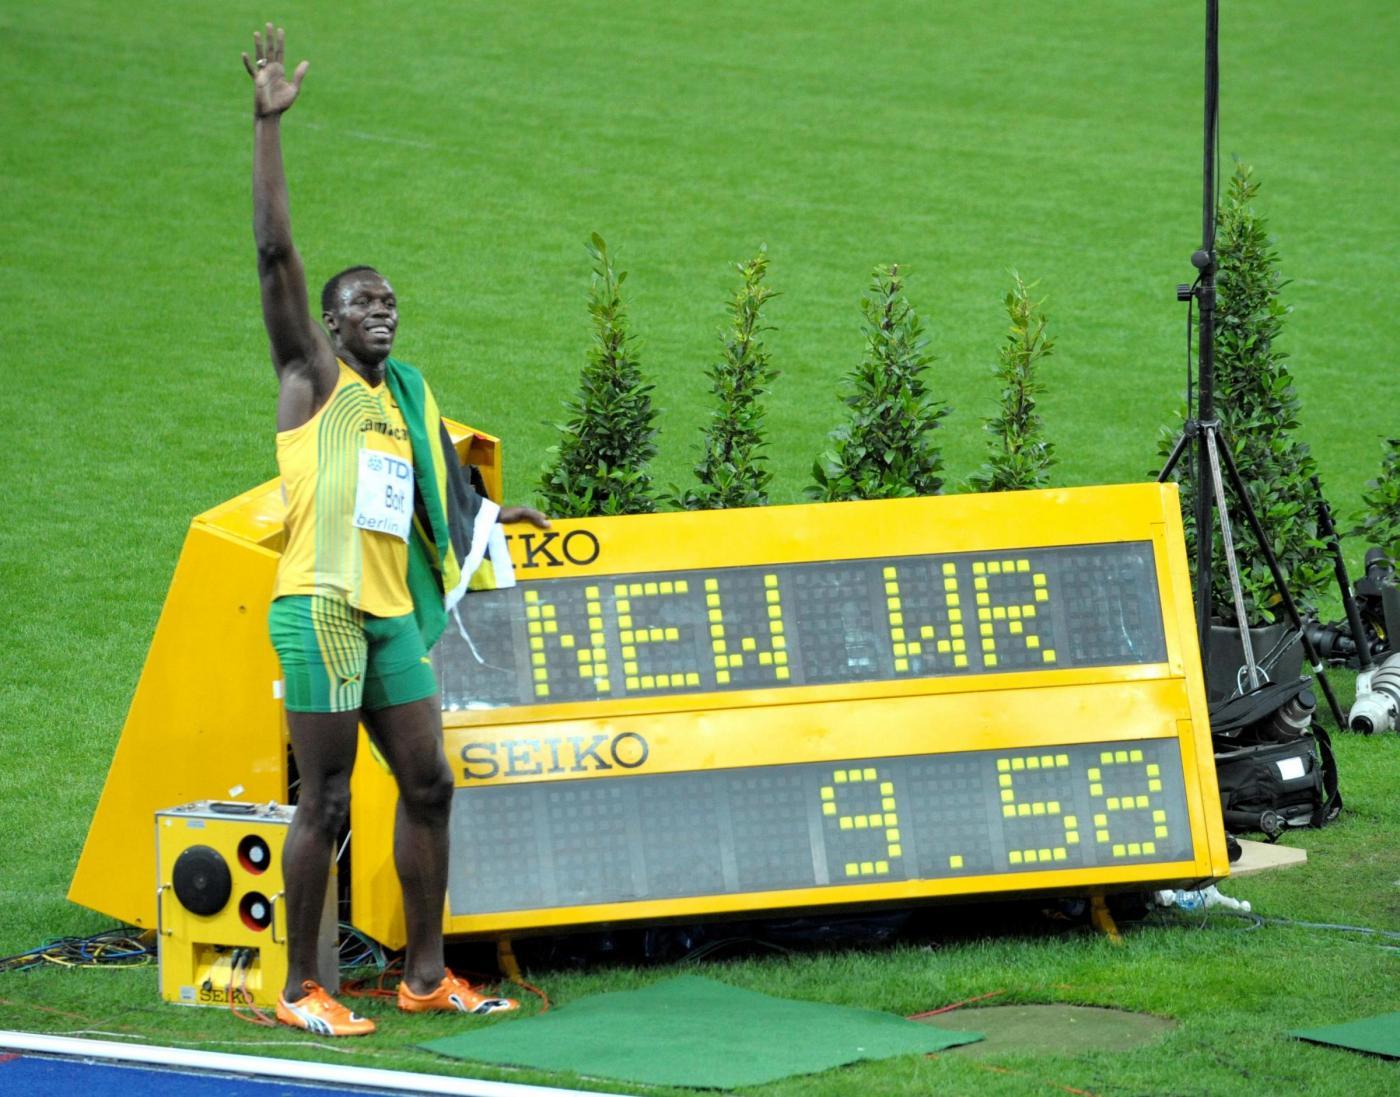 Cancellare tutti i record di atletica: la proposta choc dal Regno Unito